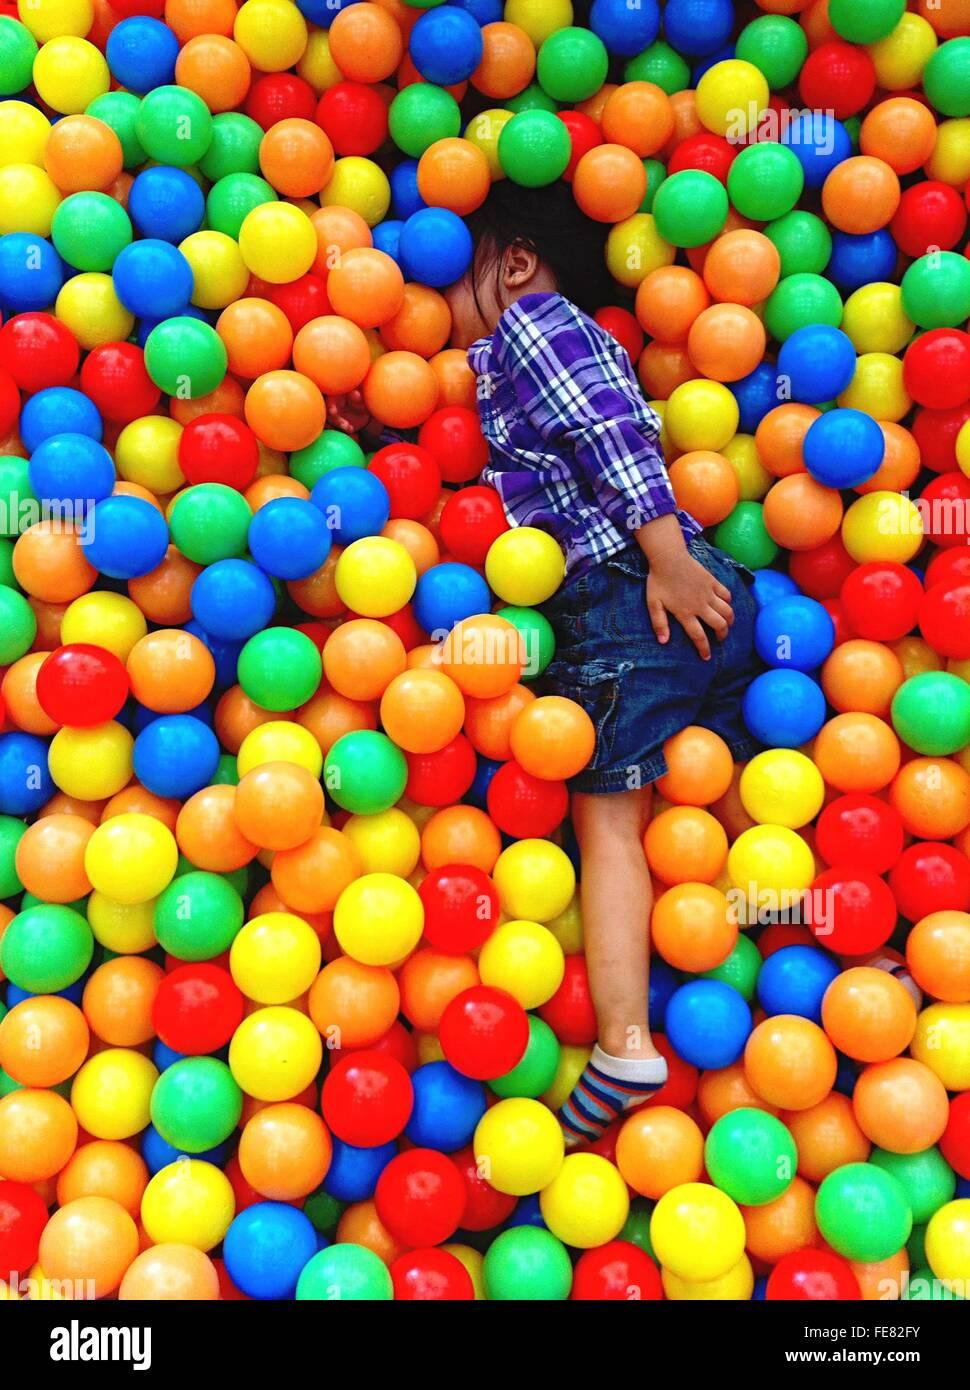 Un alto ángulo de visualización del niño jugando en la piscina de bolas Foto de stock